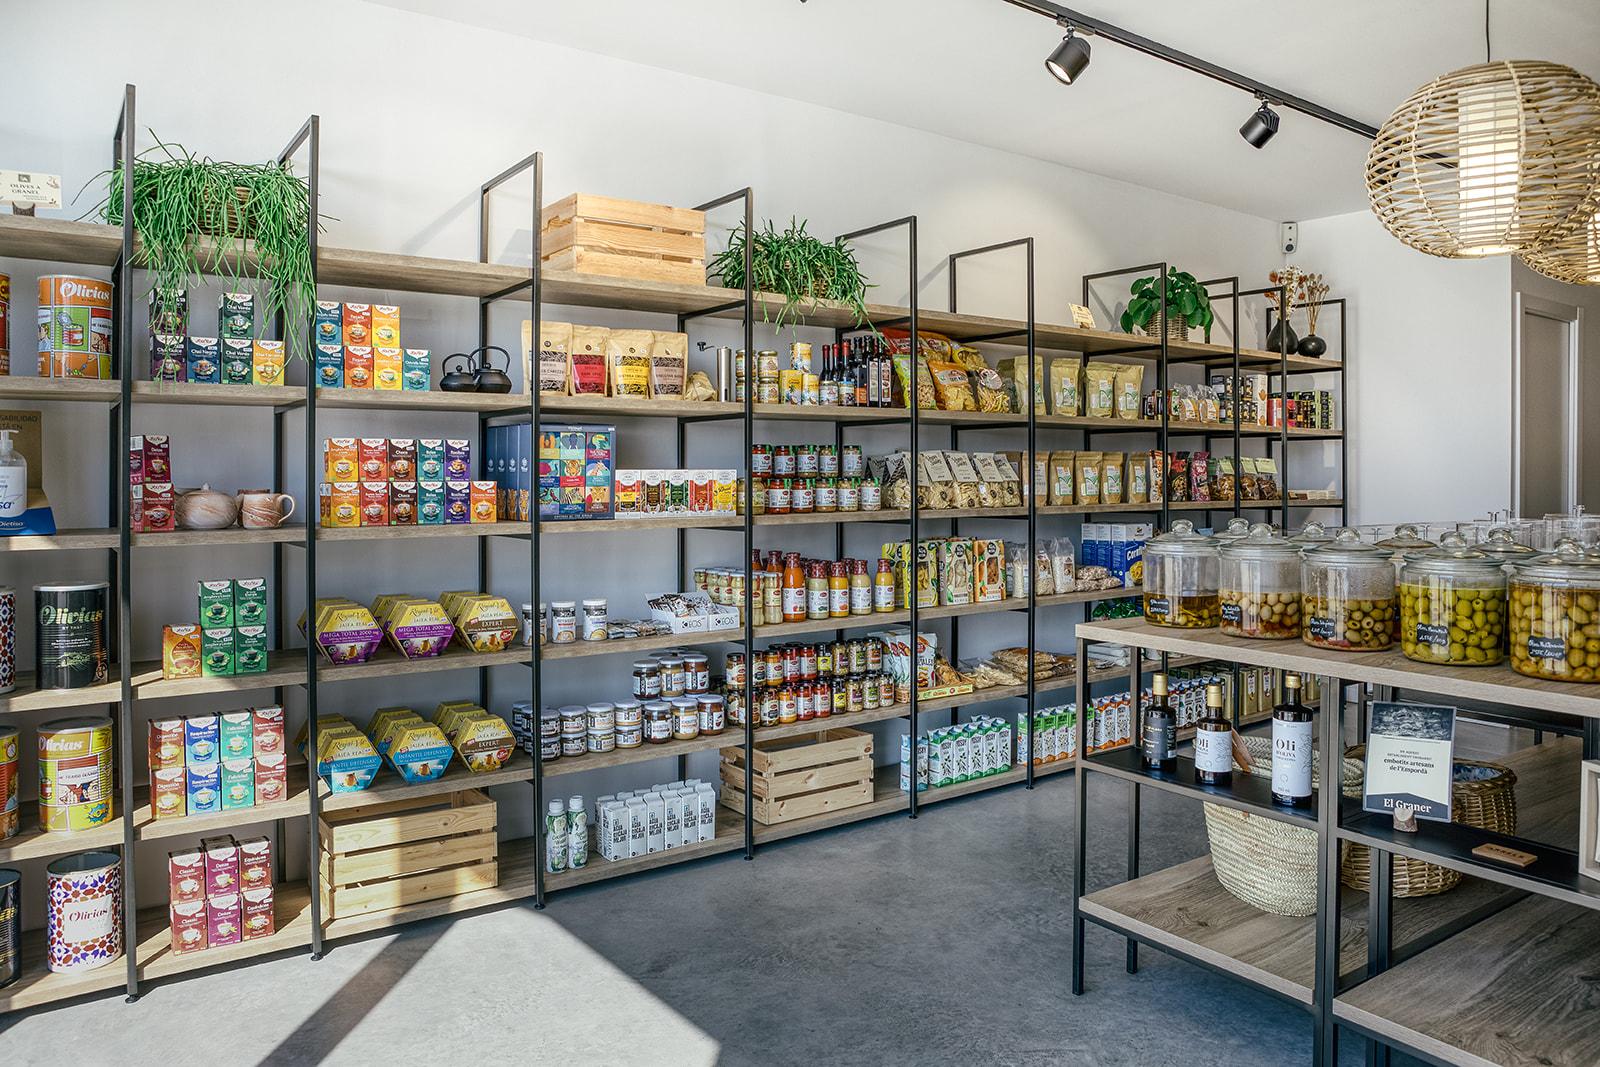 Inquiets Happy Store - Trends Girona